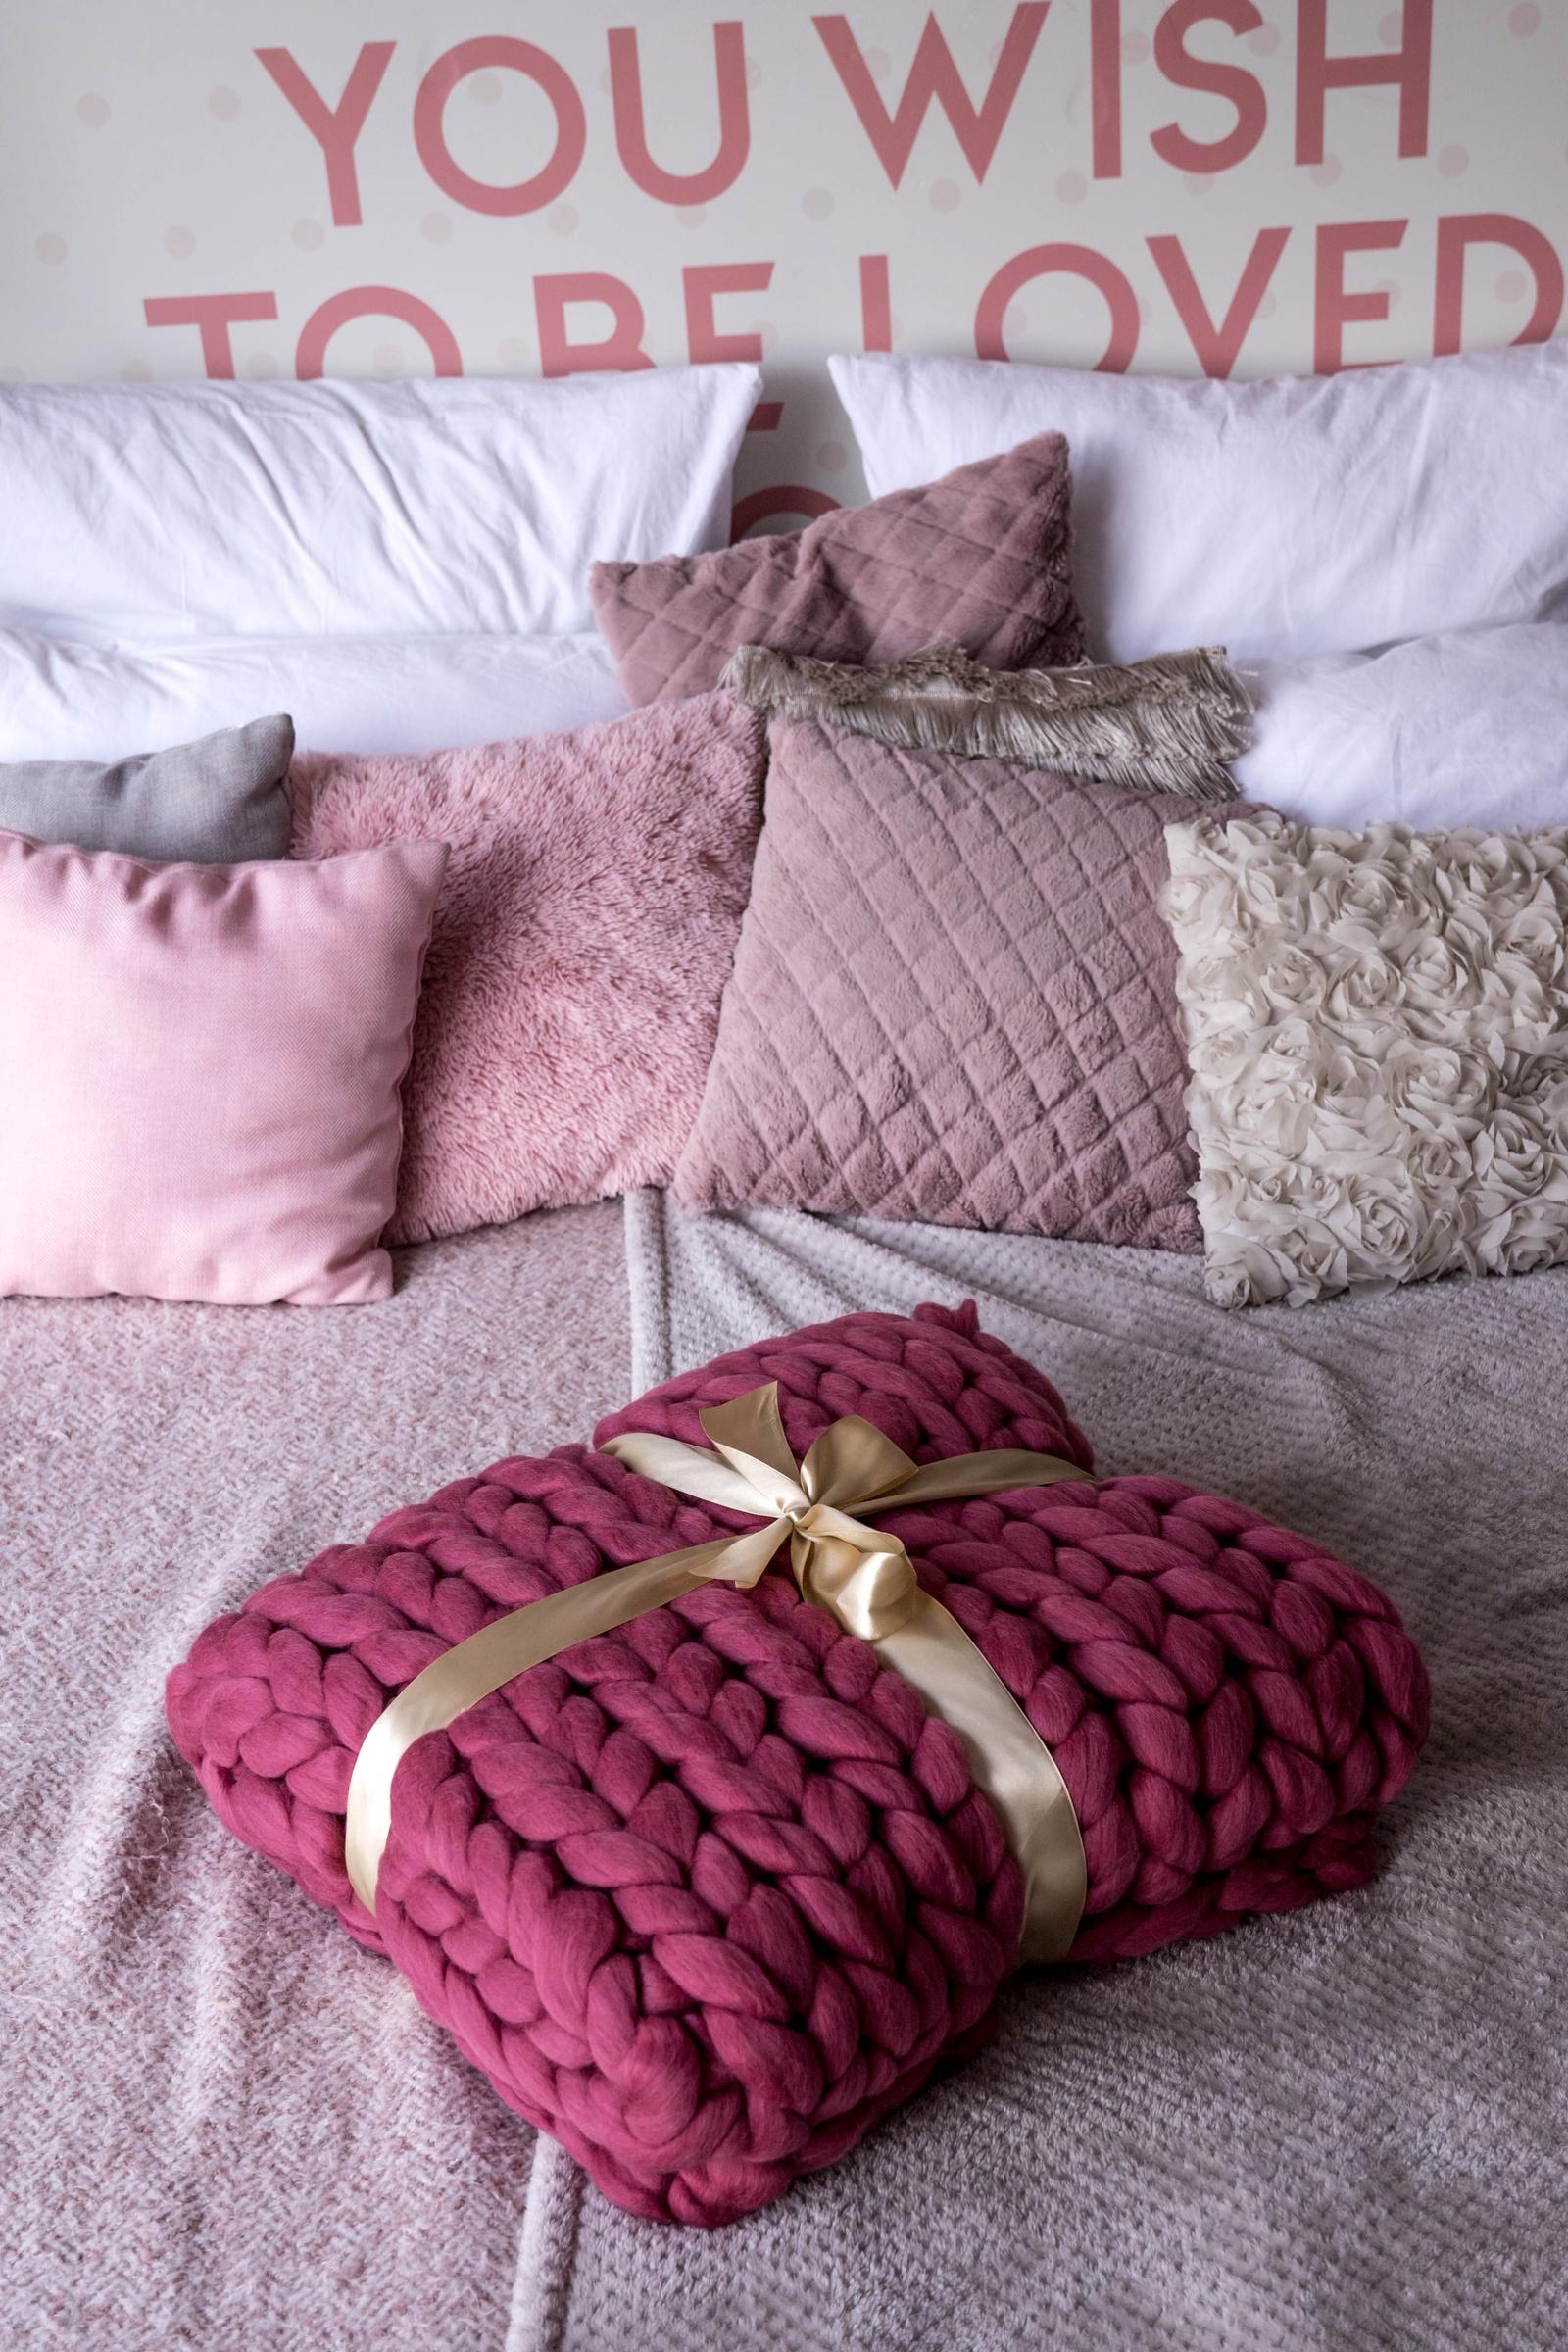 Плед Cloudlet, из гиперобъемной пряжи, цвет: грязно-розовый плед cloudlet шерсть цвет светло розовый 100х150 см